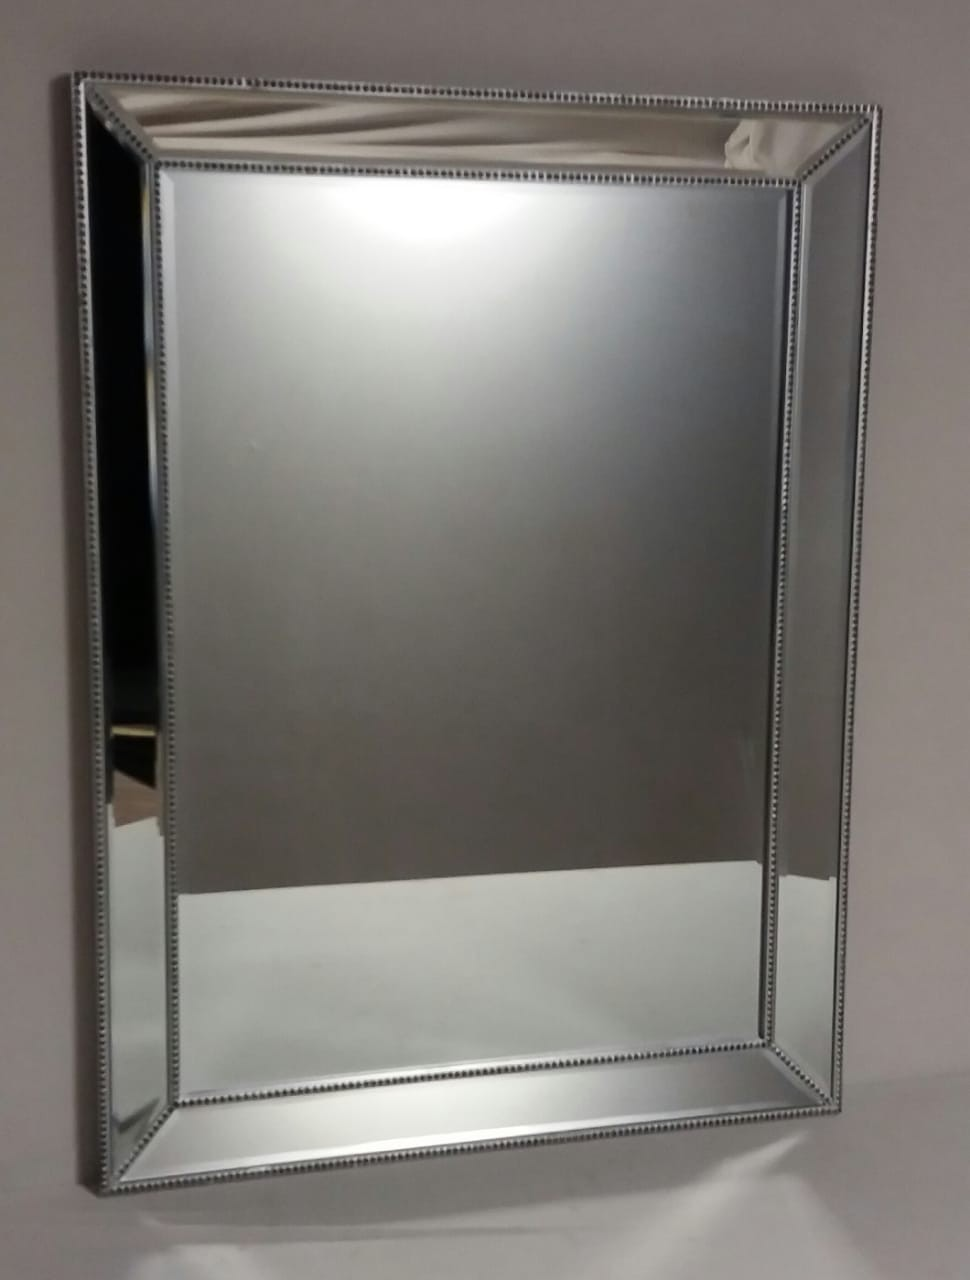 Espelho Retangular com detalhes Prata - frontier